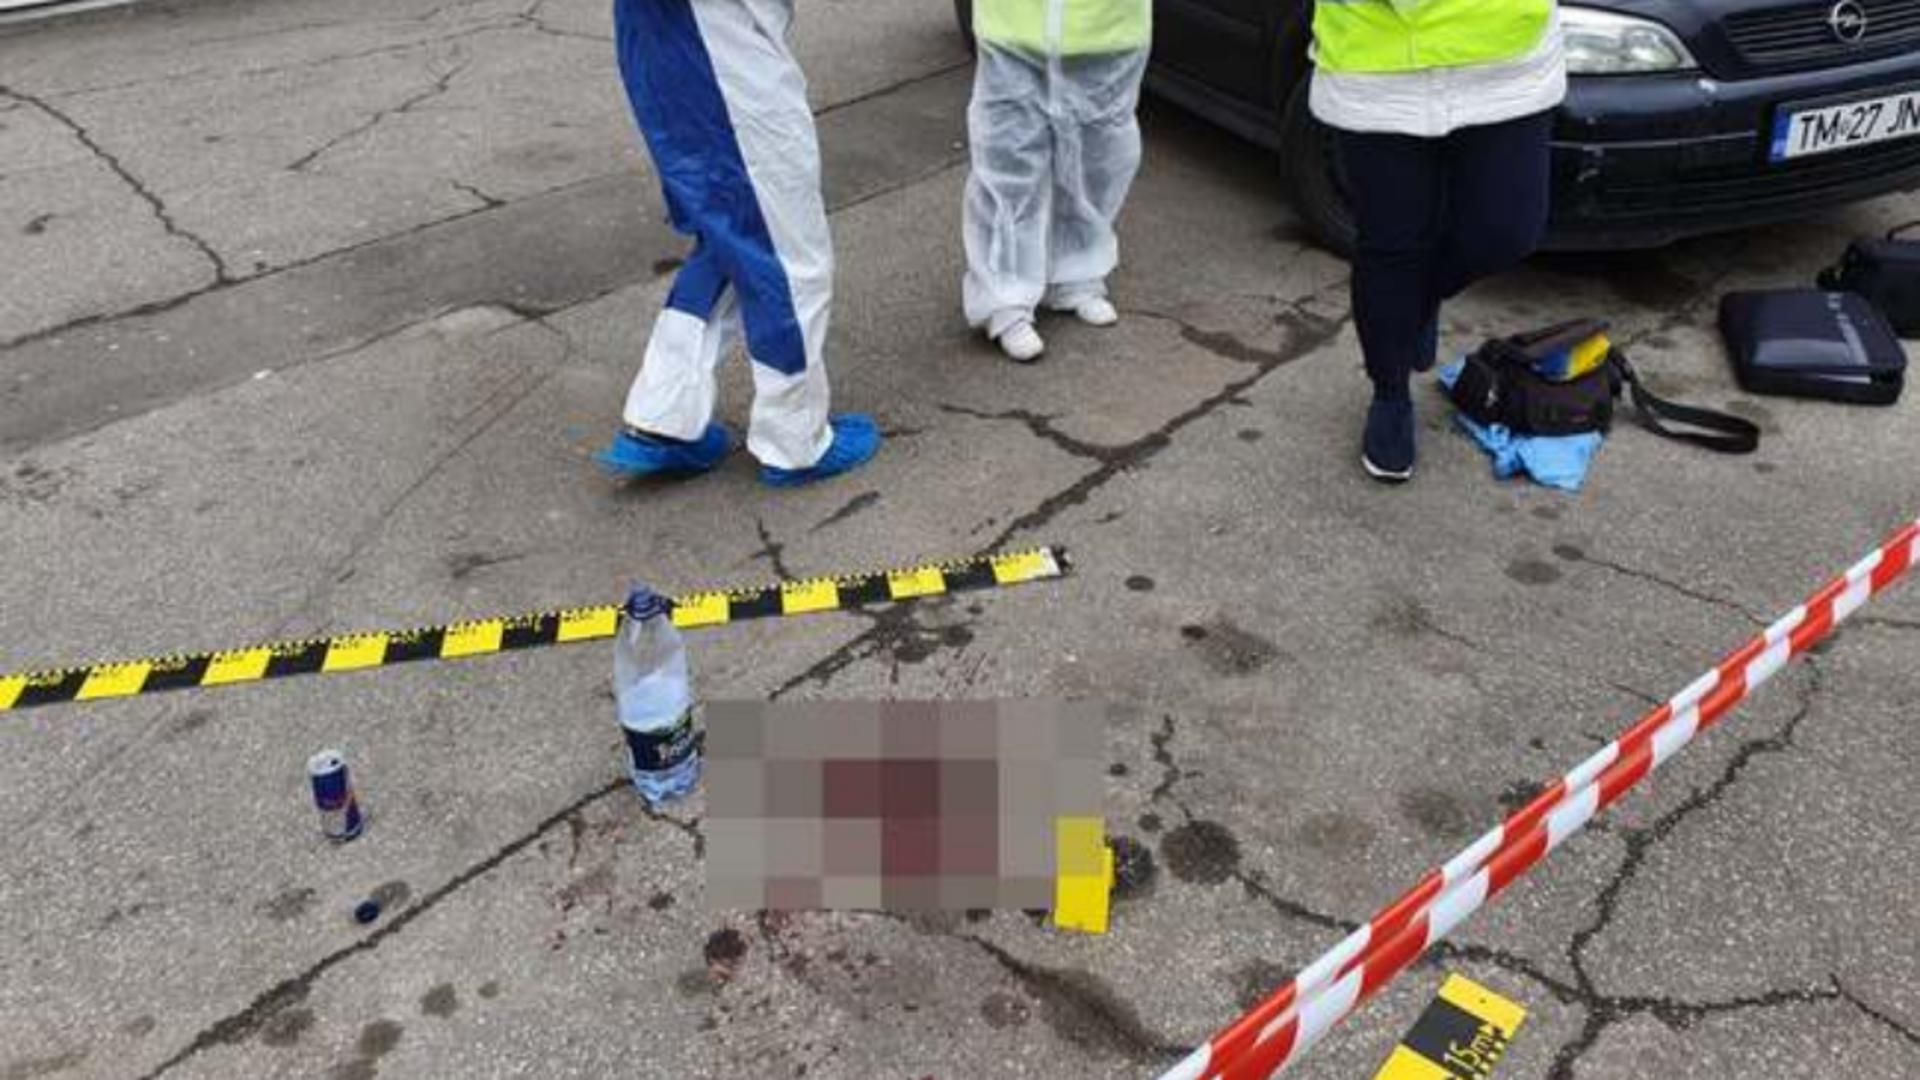 Un bărbat a fost ucis, iar altul este în stare gravă, după o răfuială între migranți, pe străzile Timișoarei. Foto/tion.ro